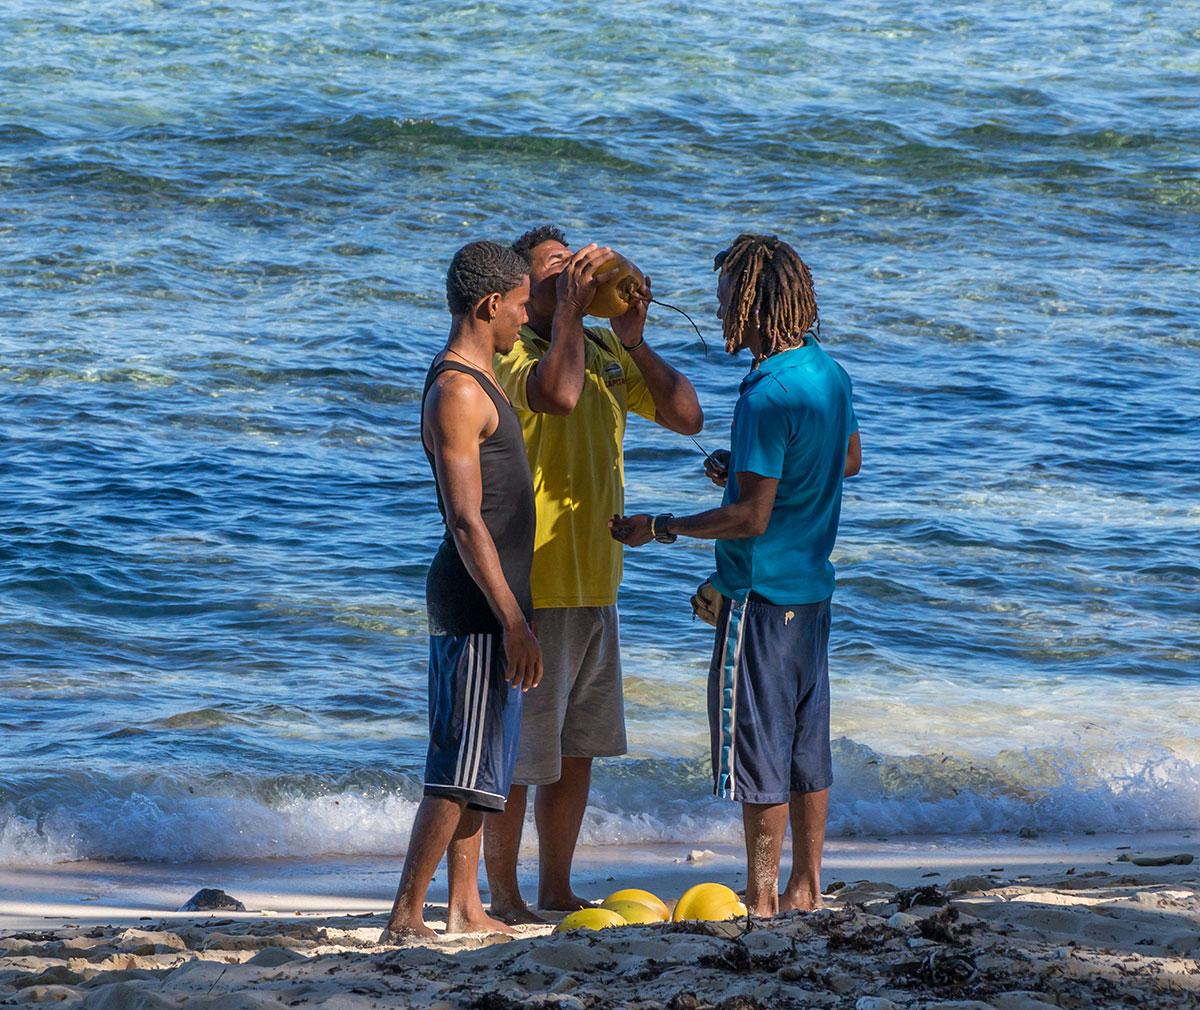 Dominikanische Republik, Playa Fronton bei Las Galeras